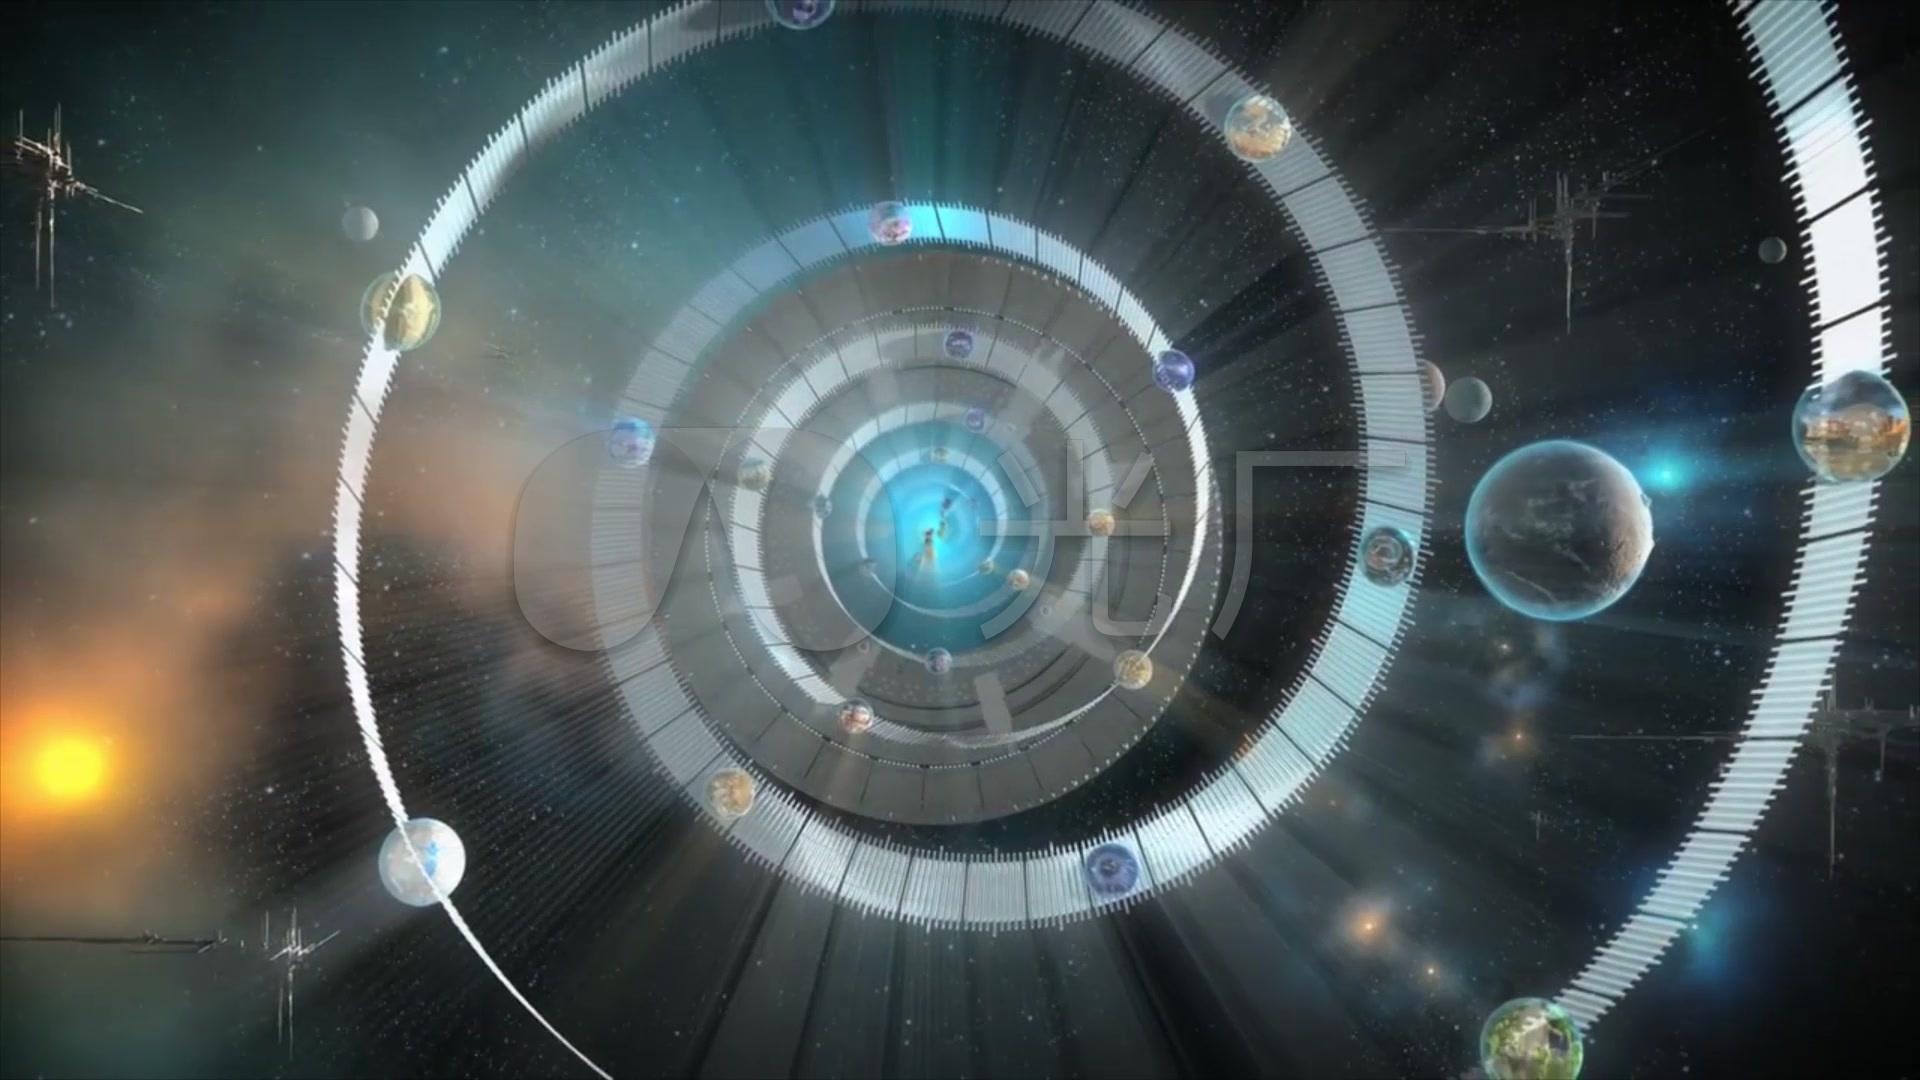 科幻宇宙星战外星人飞碟3d动画